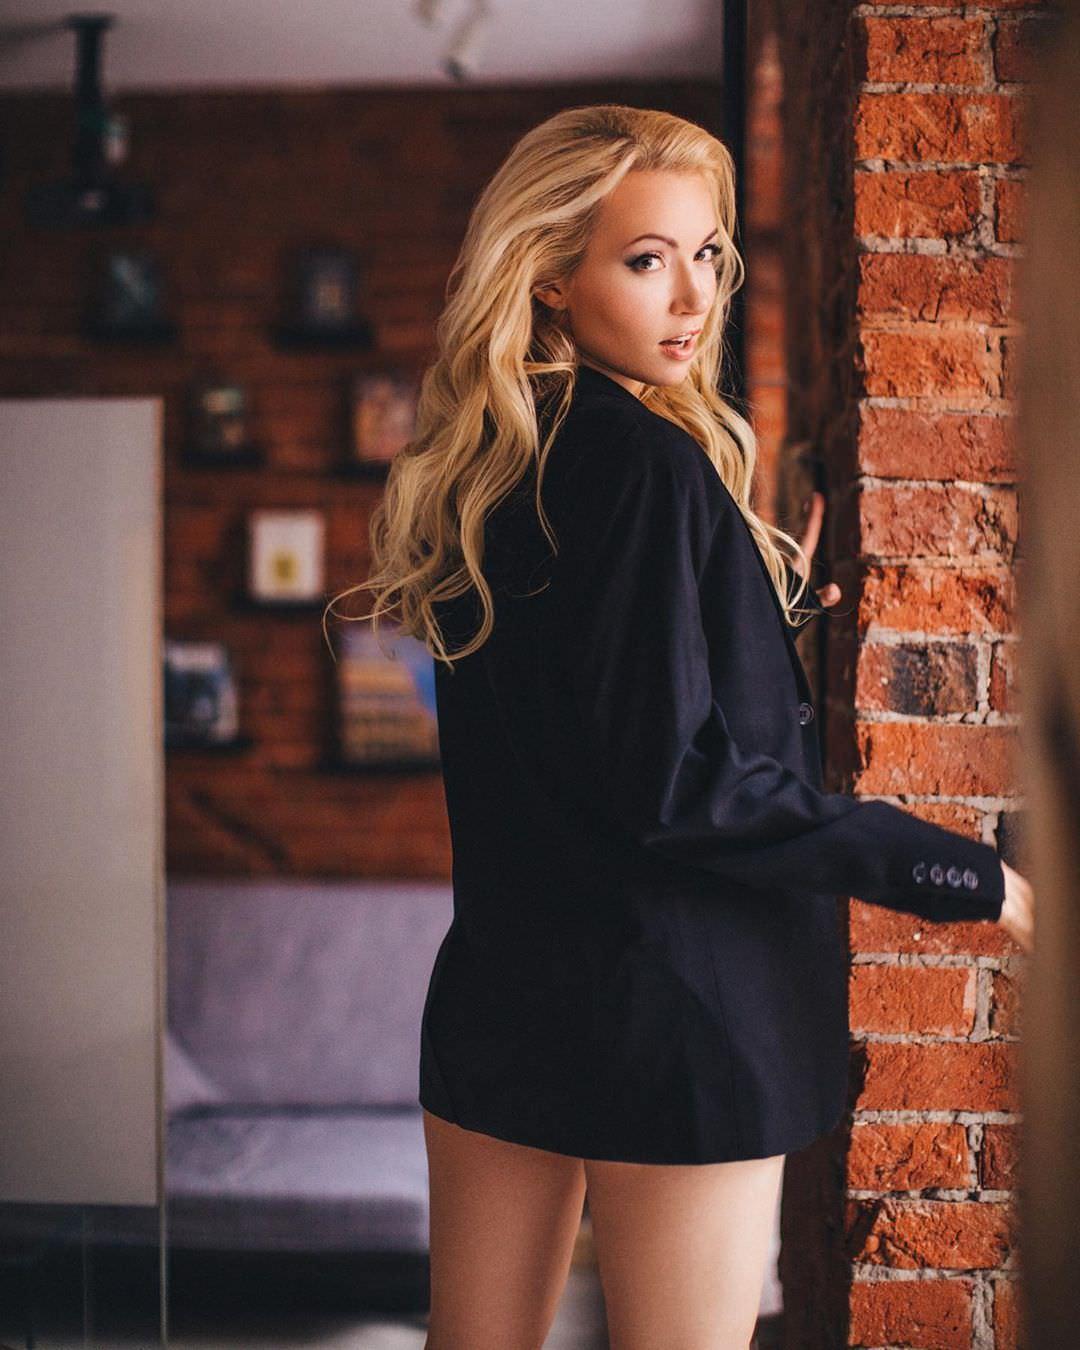 Анастасия Гулимова фото возле кирпичной стены